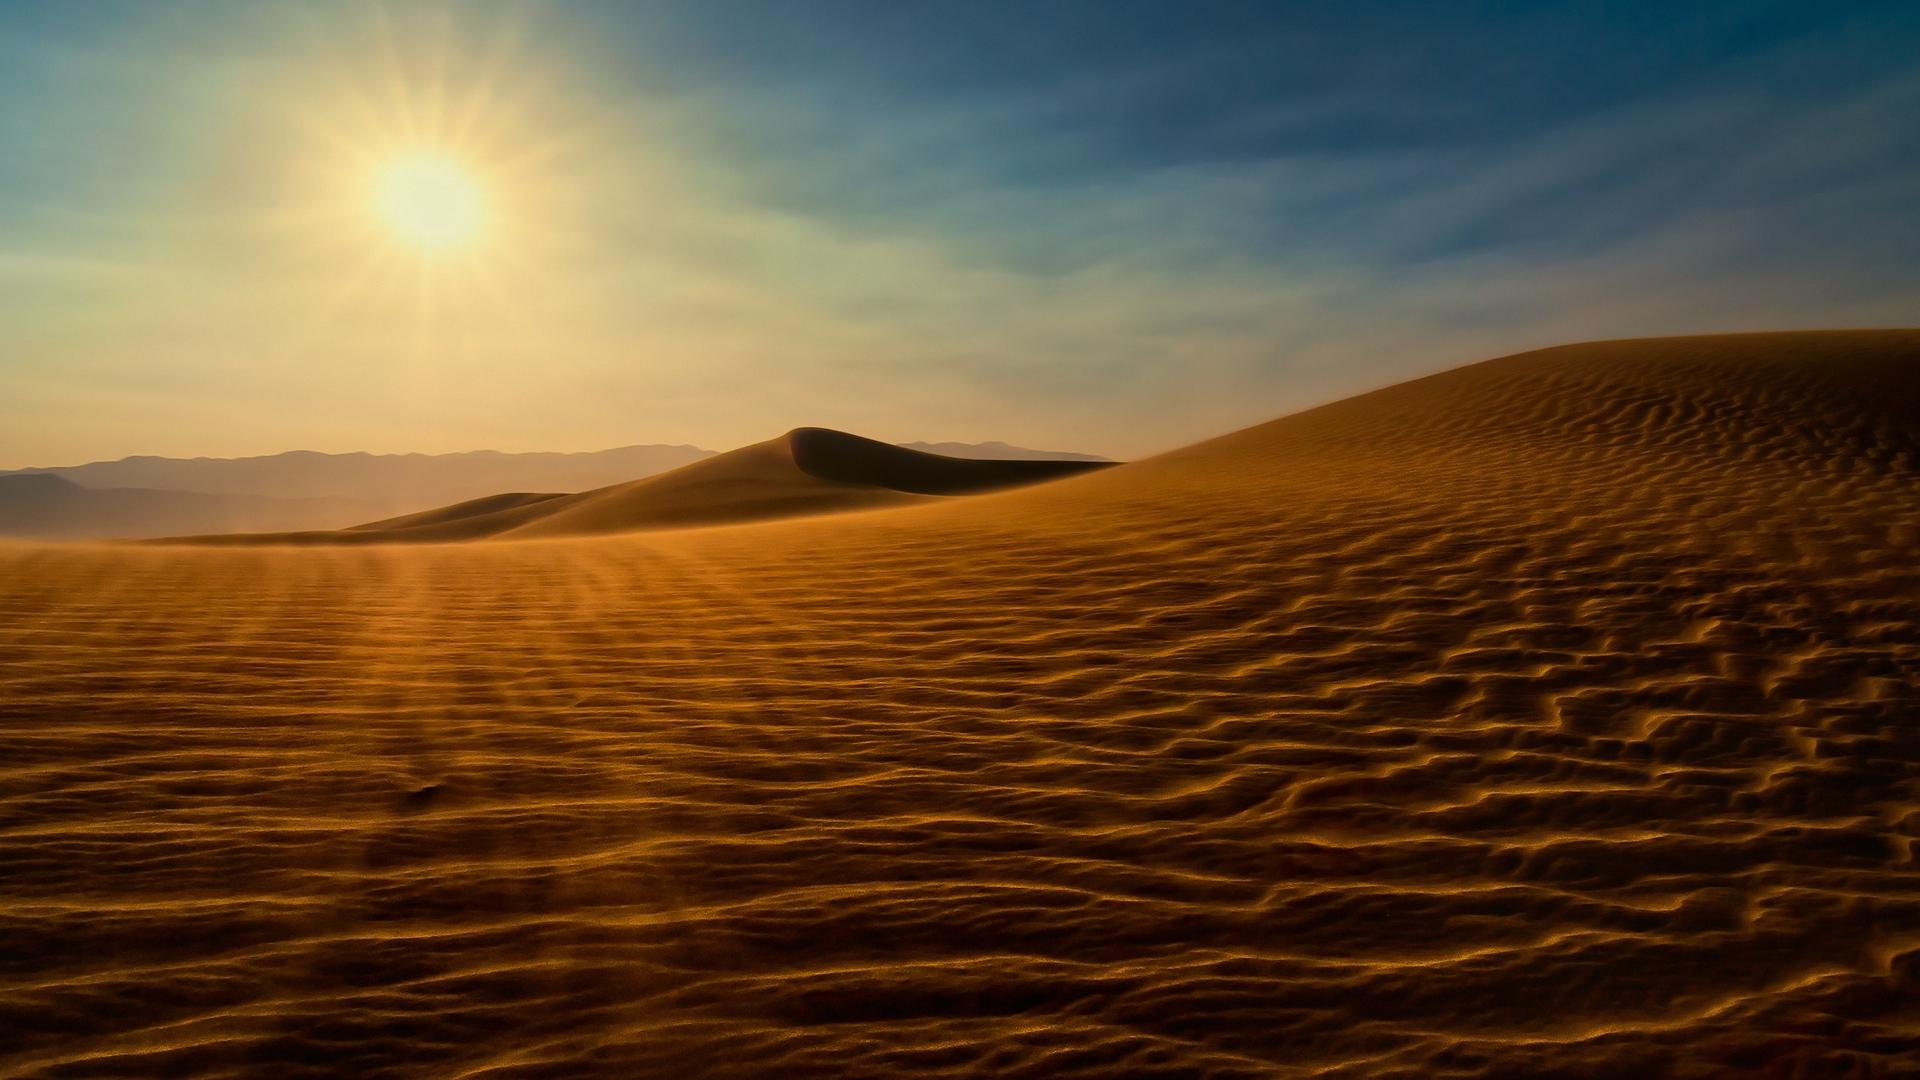 sand heat sky light HD Desert Wallpapers